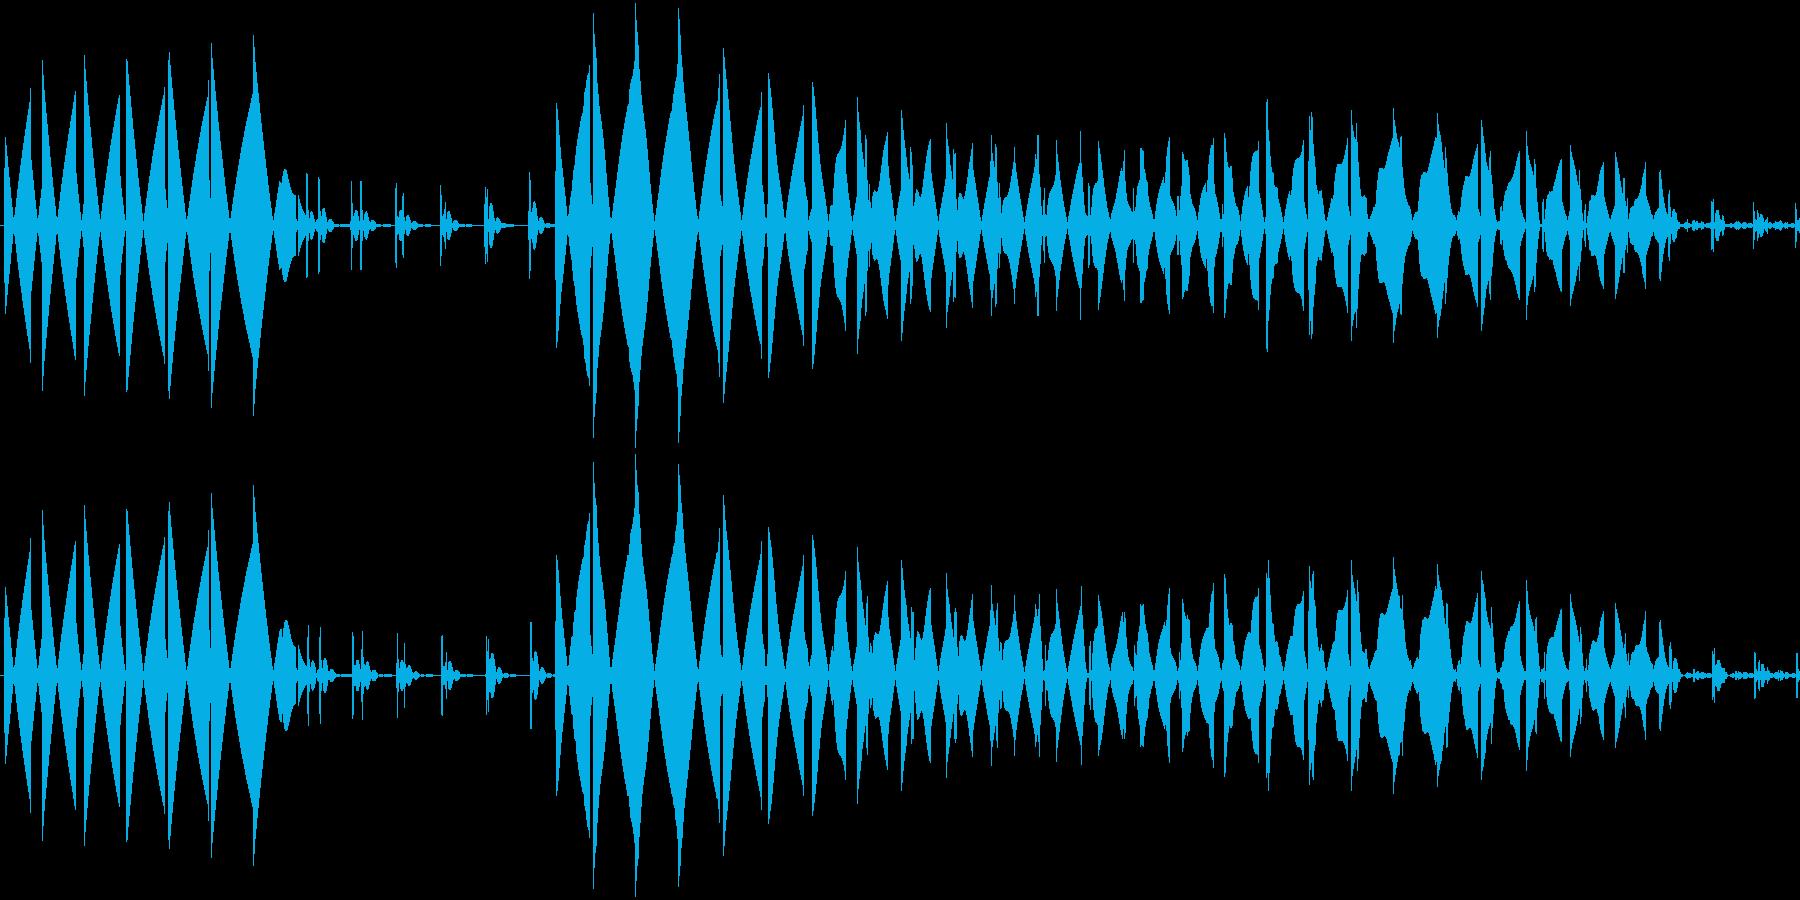 エラー音の再生済みの波形